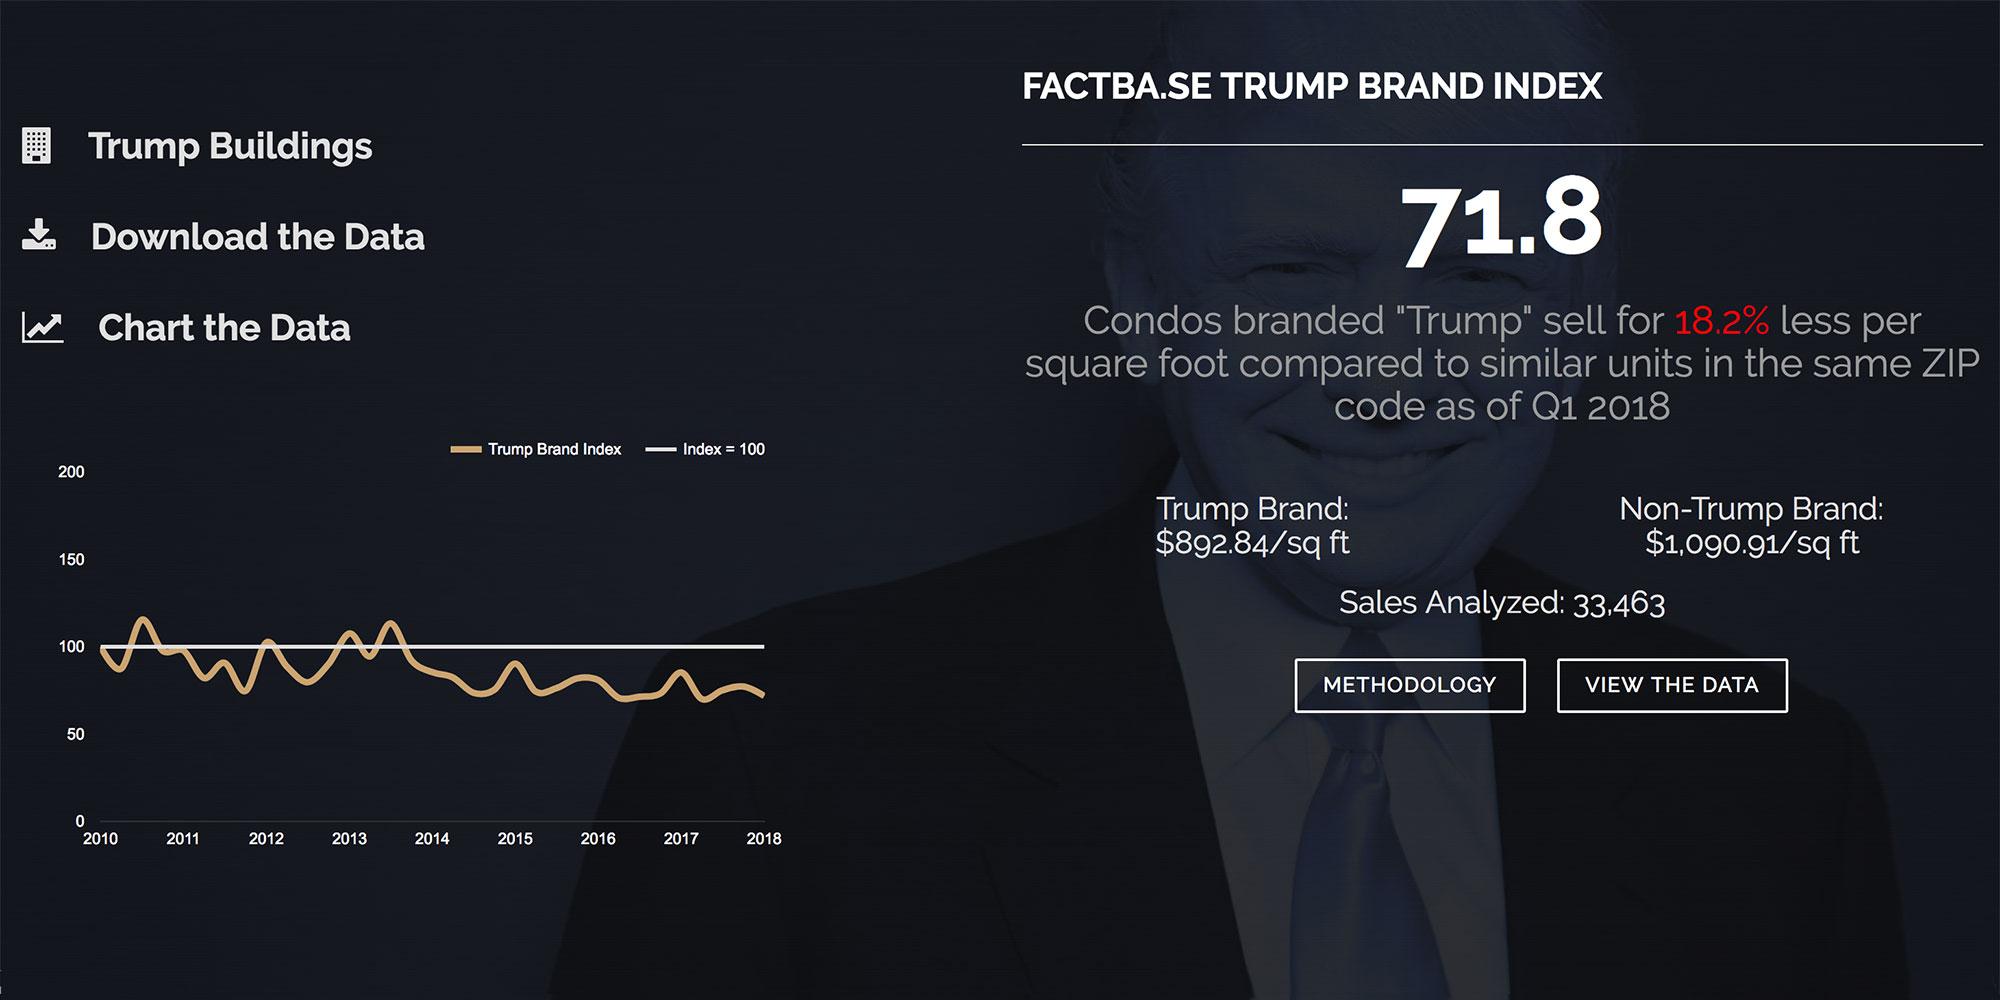 Trump Brand Index